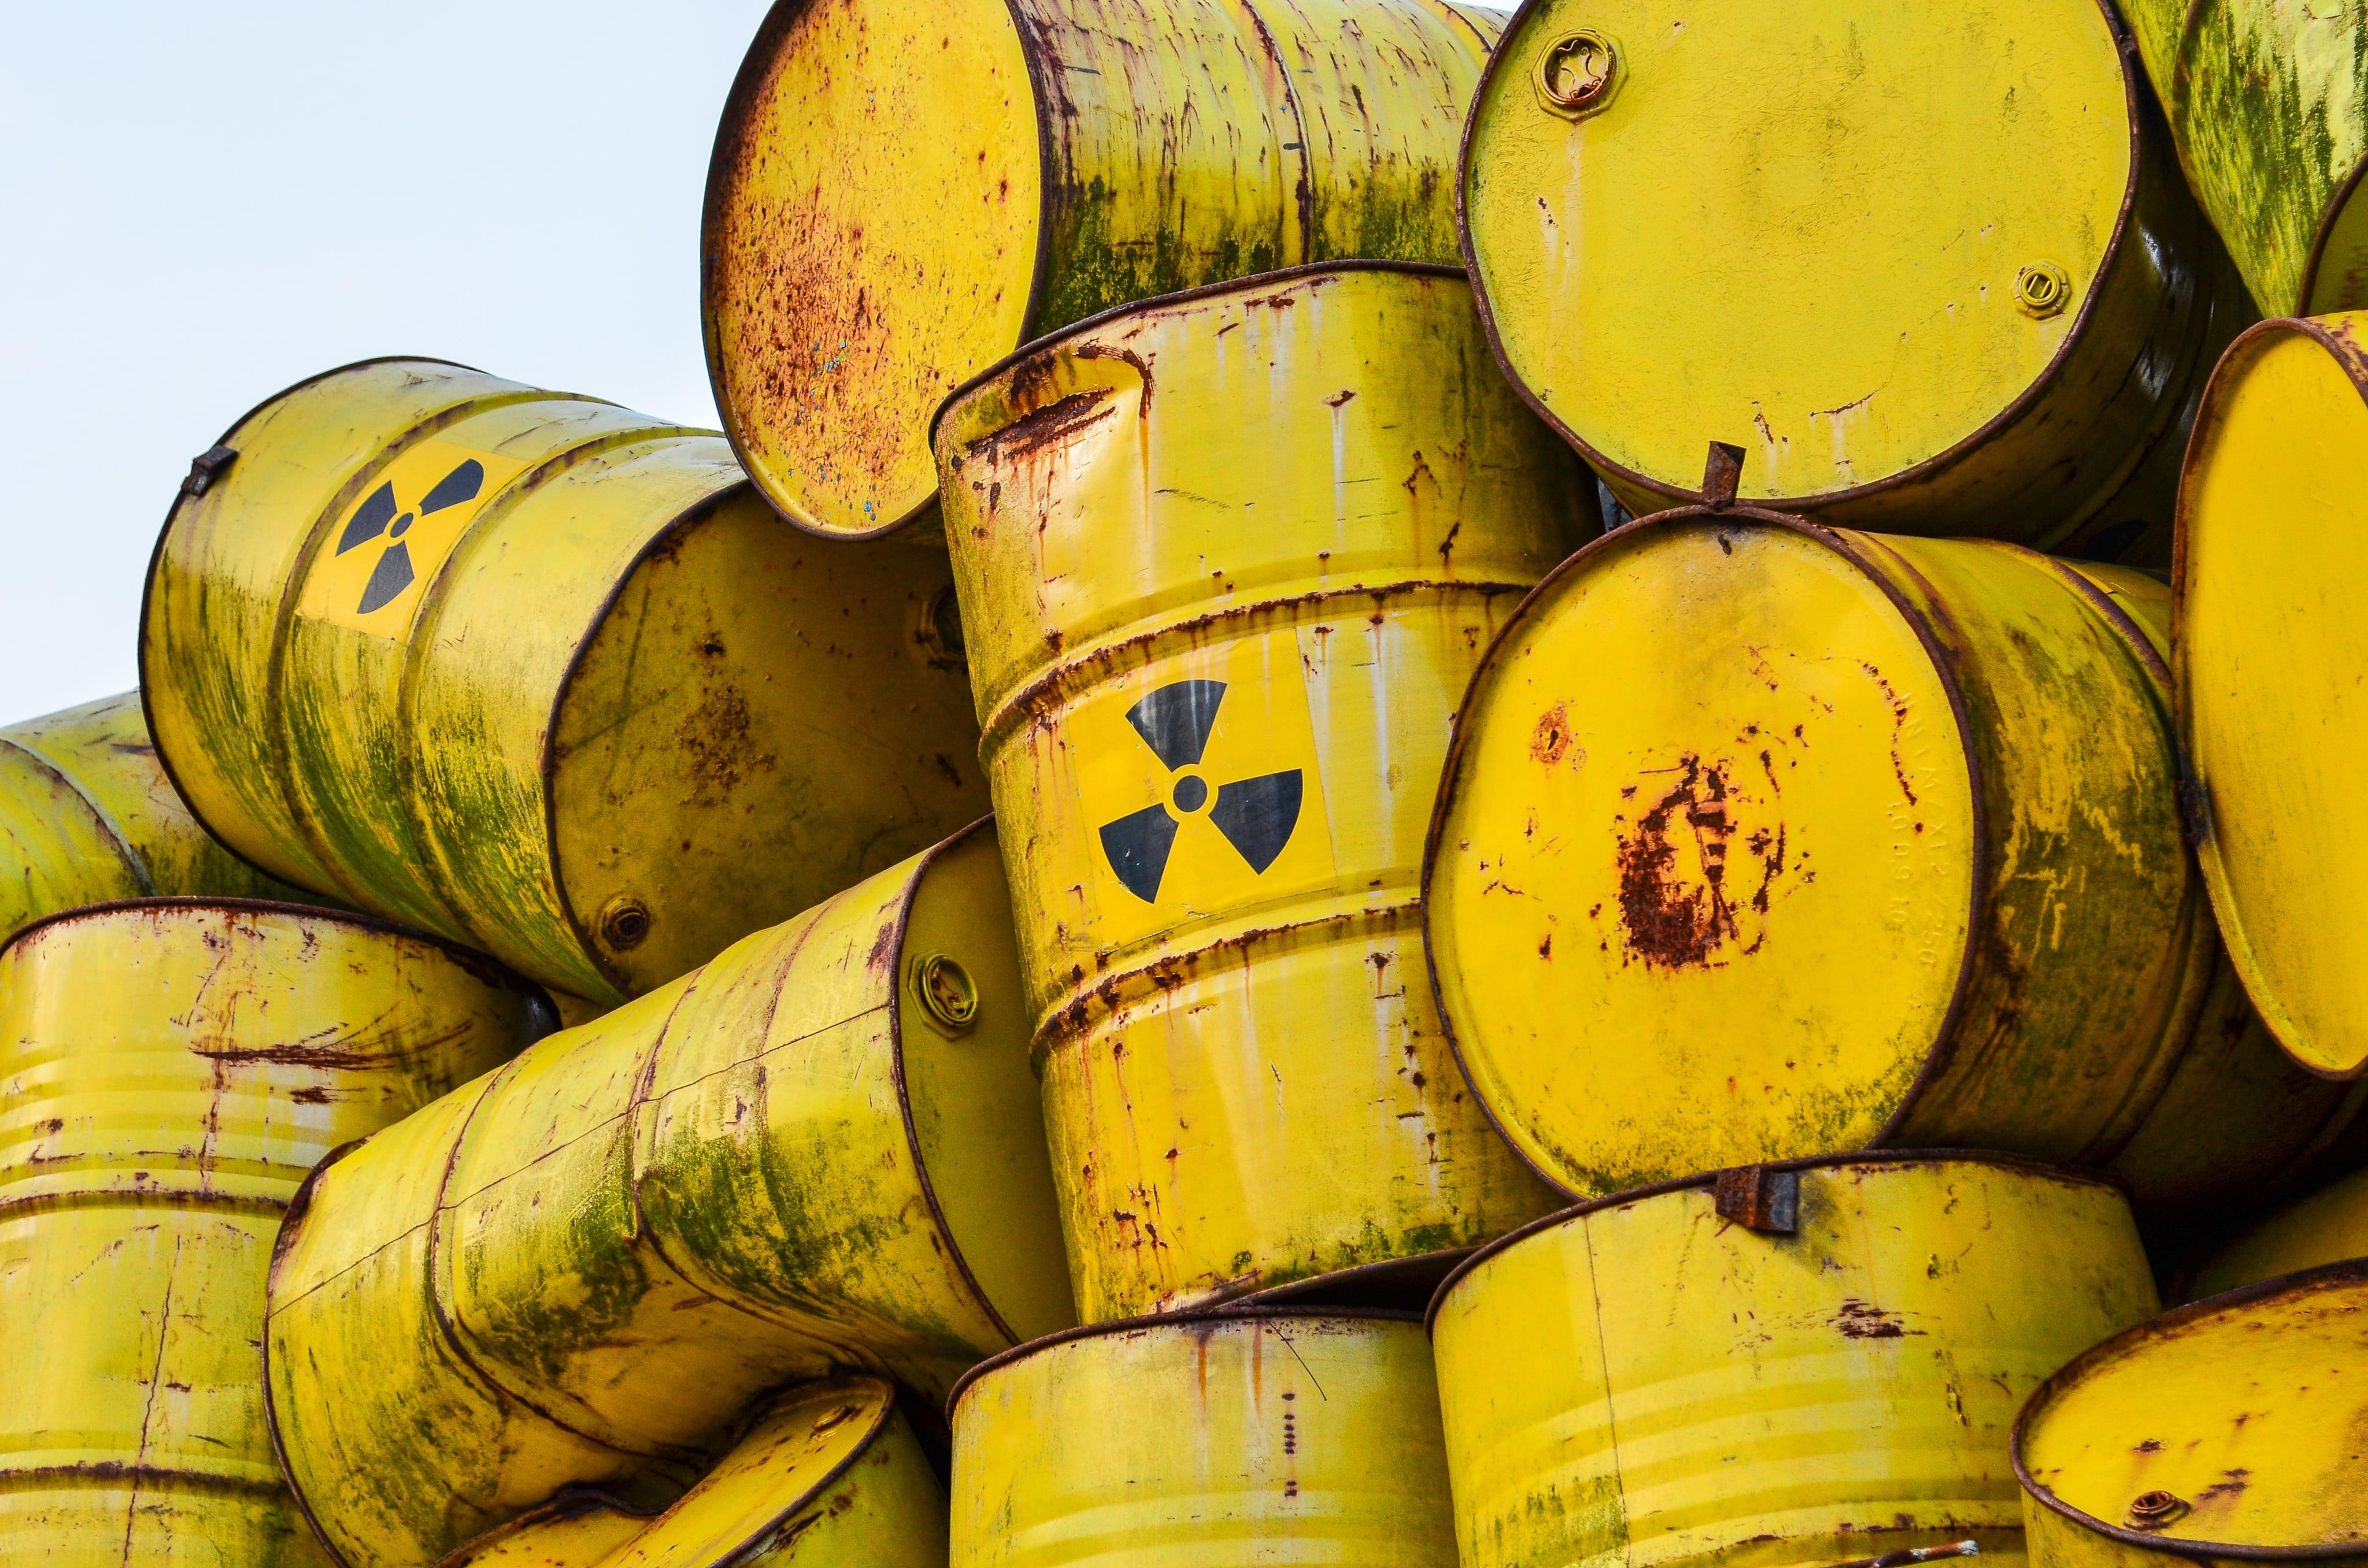 Rifiuti radioattivi nella capitale: gli ultimi dati allarmanti